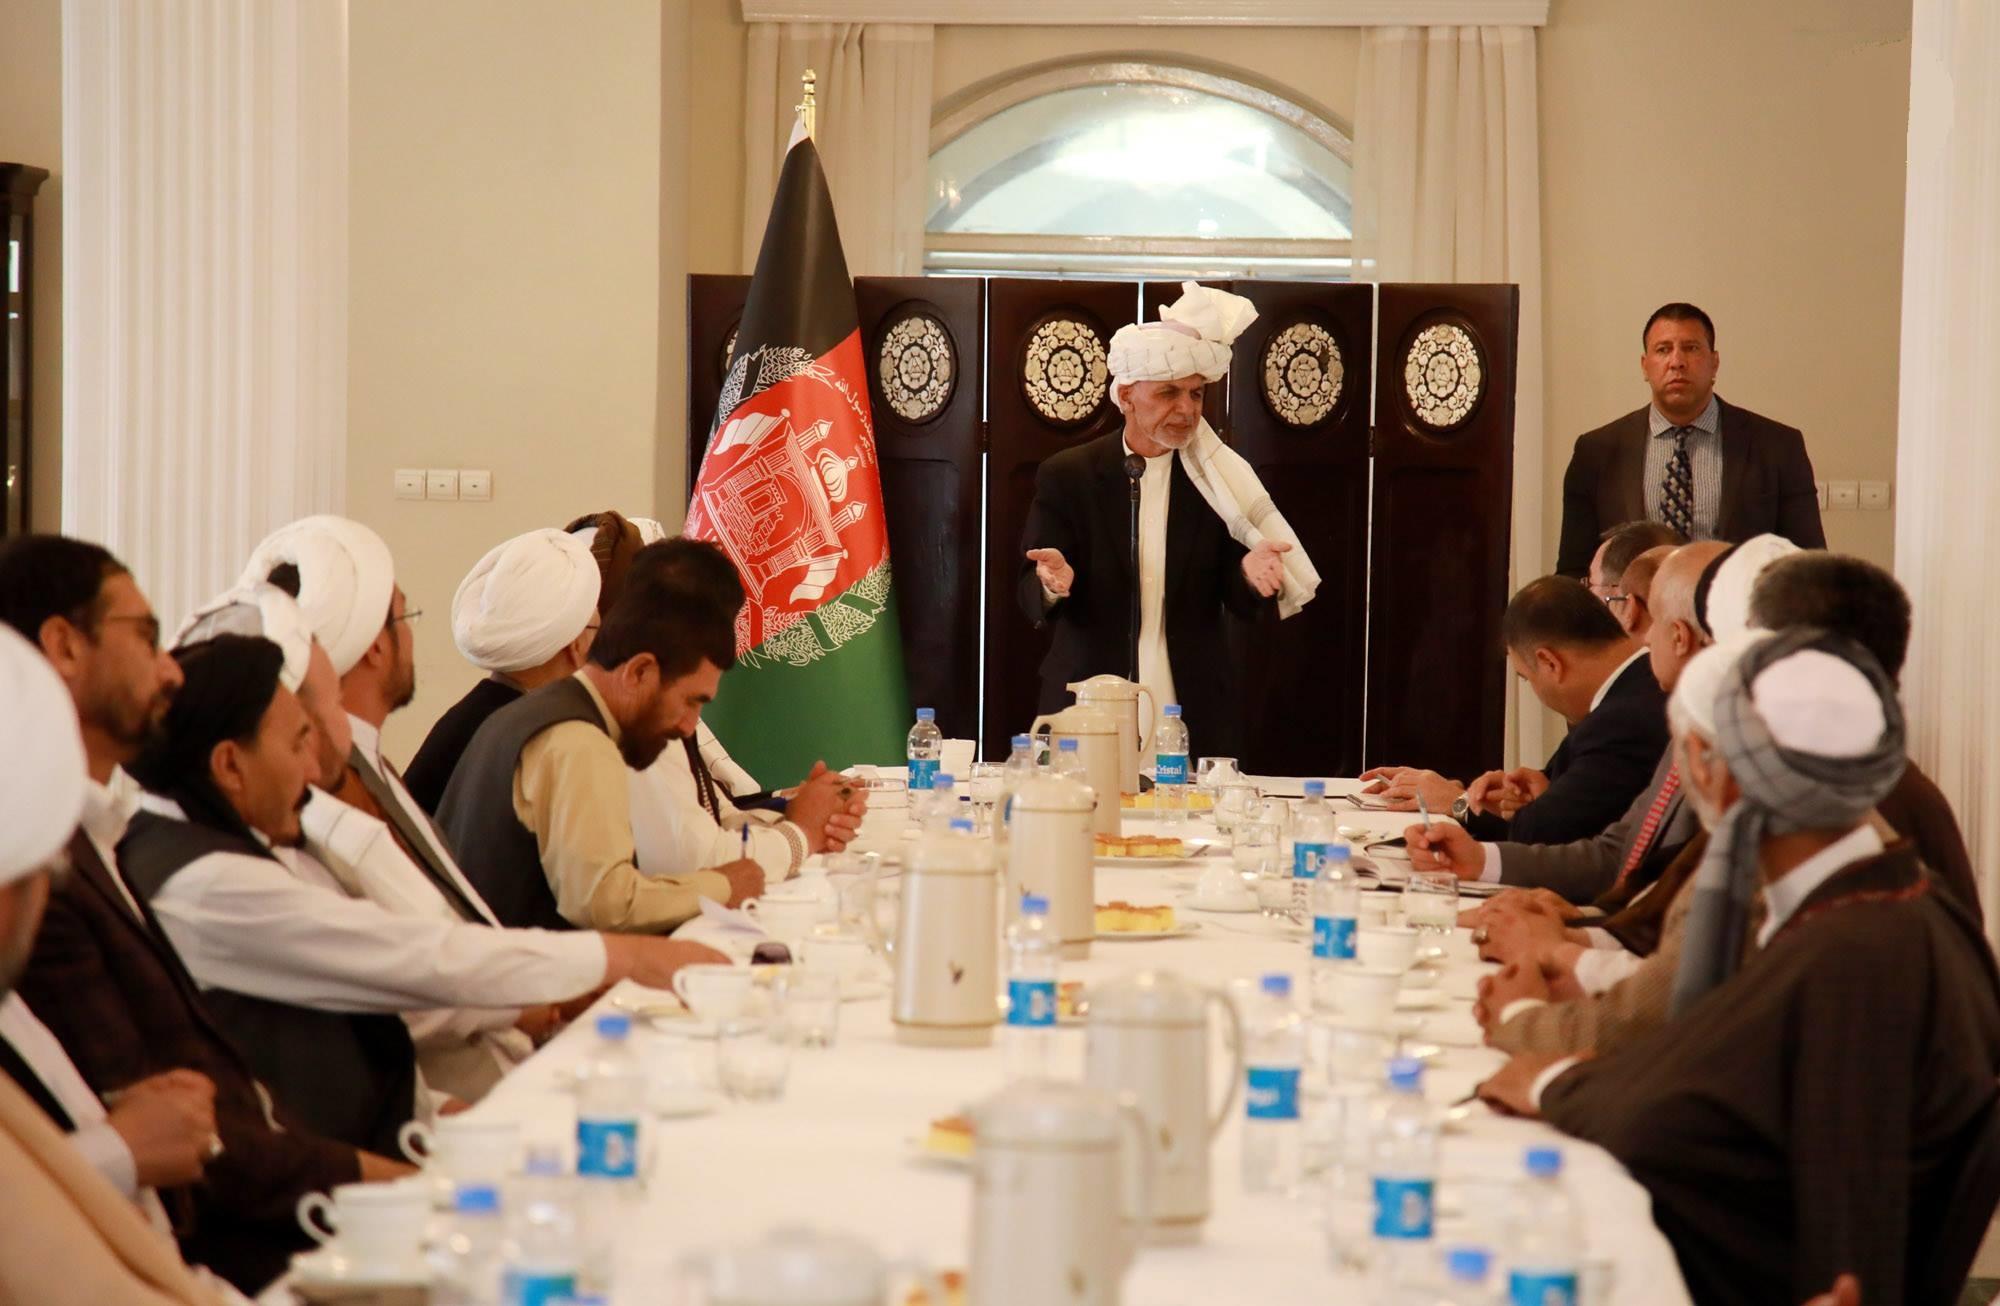 حملات تروریستی علیه شیعیان افغانستان، حمله بر اخوت اسلامی و وحدت ملی ماست